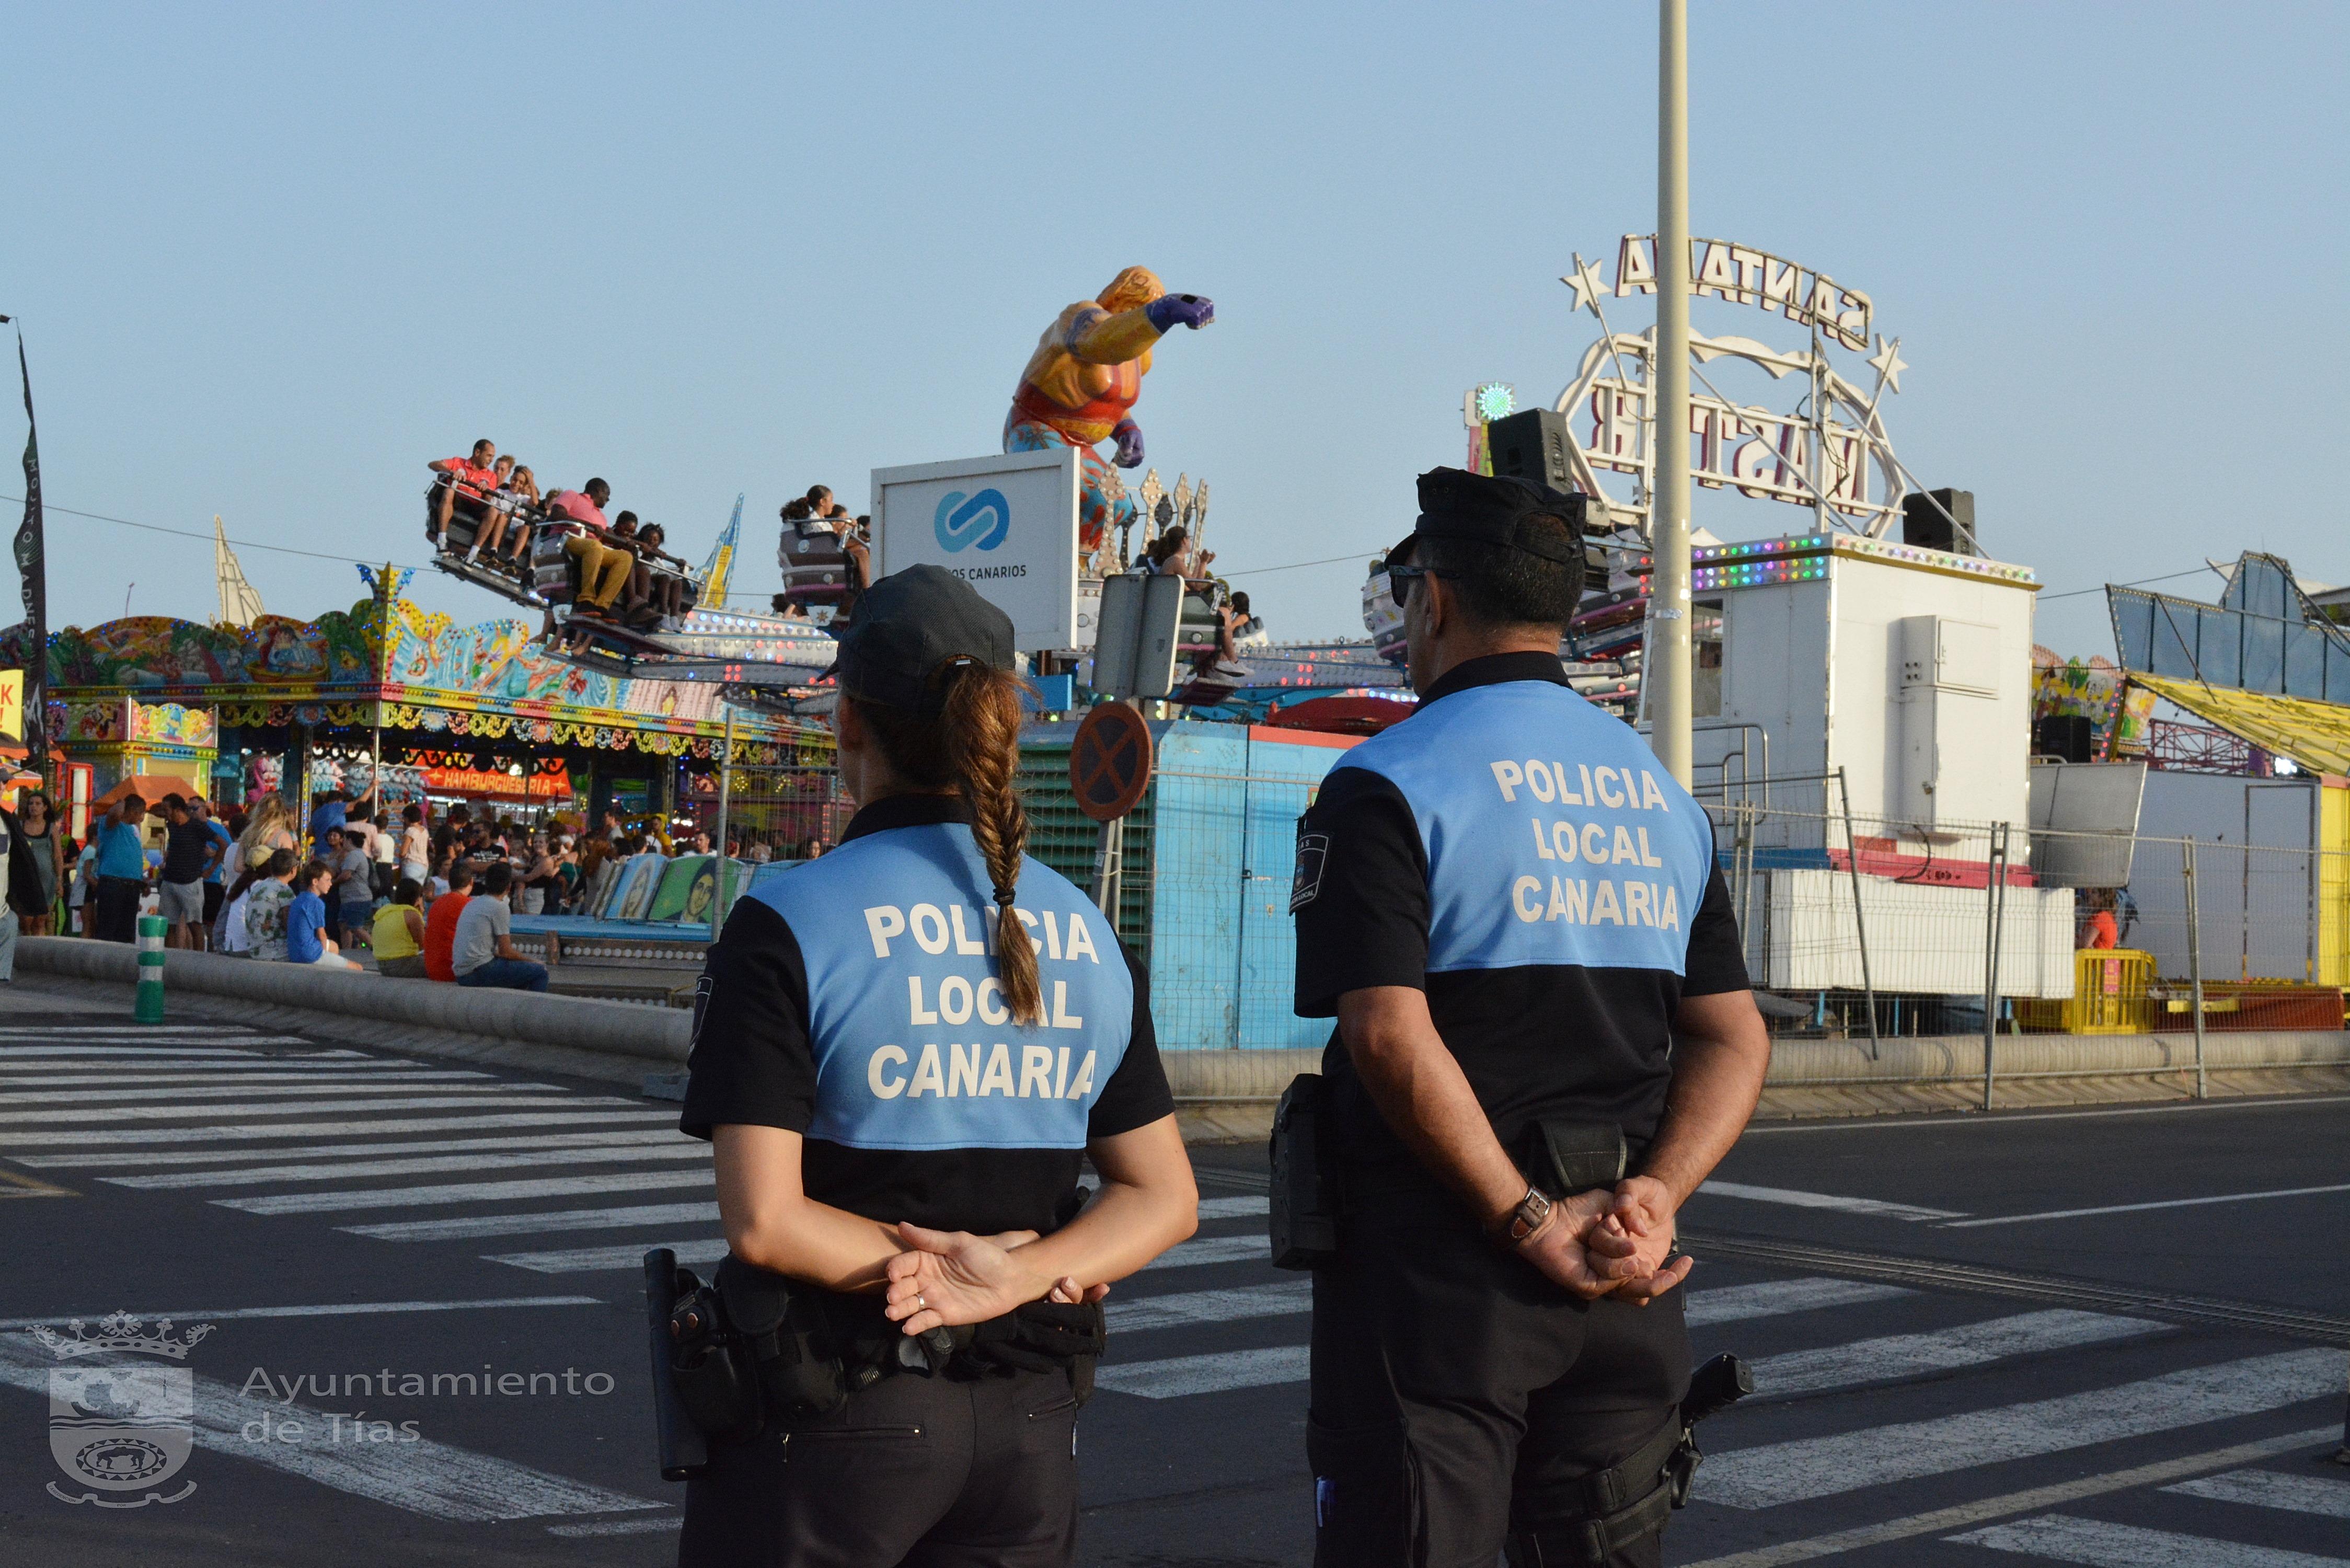 El Ayuntamiento de Tías aprueba las bases para convocar 5 plazas de Policía de promoción libre